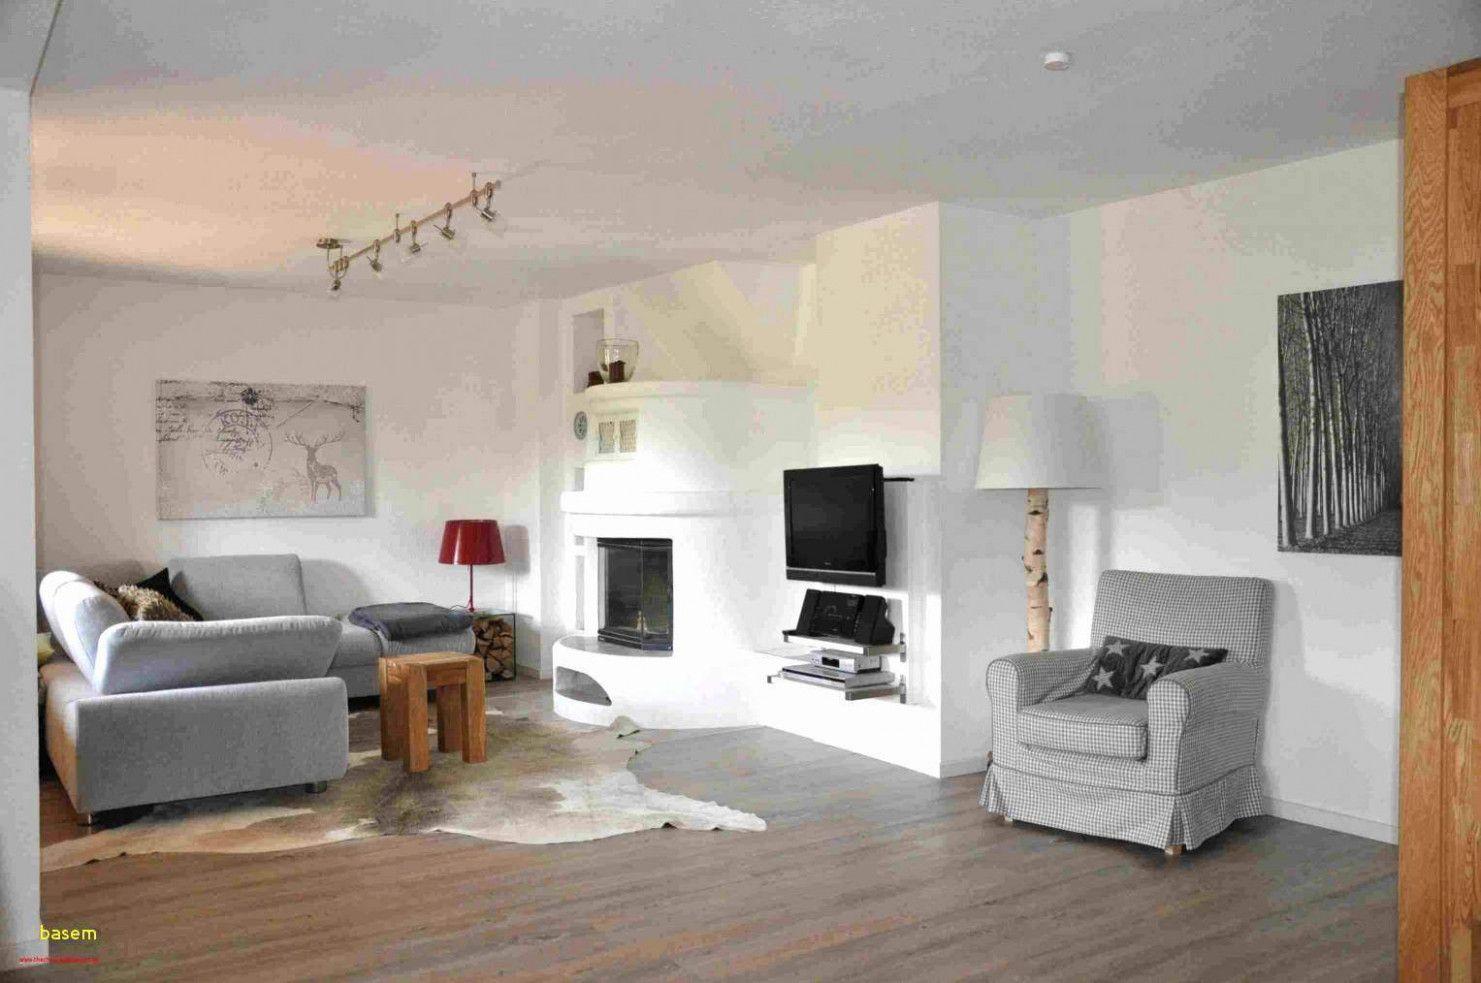 6 Wohnzimmer Fashionable Ausmalen in 6  Wohnzimmer einrichten